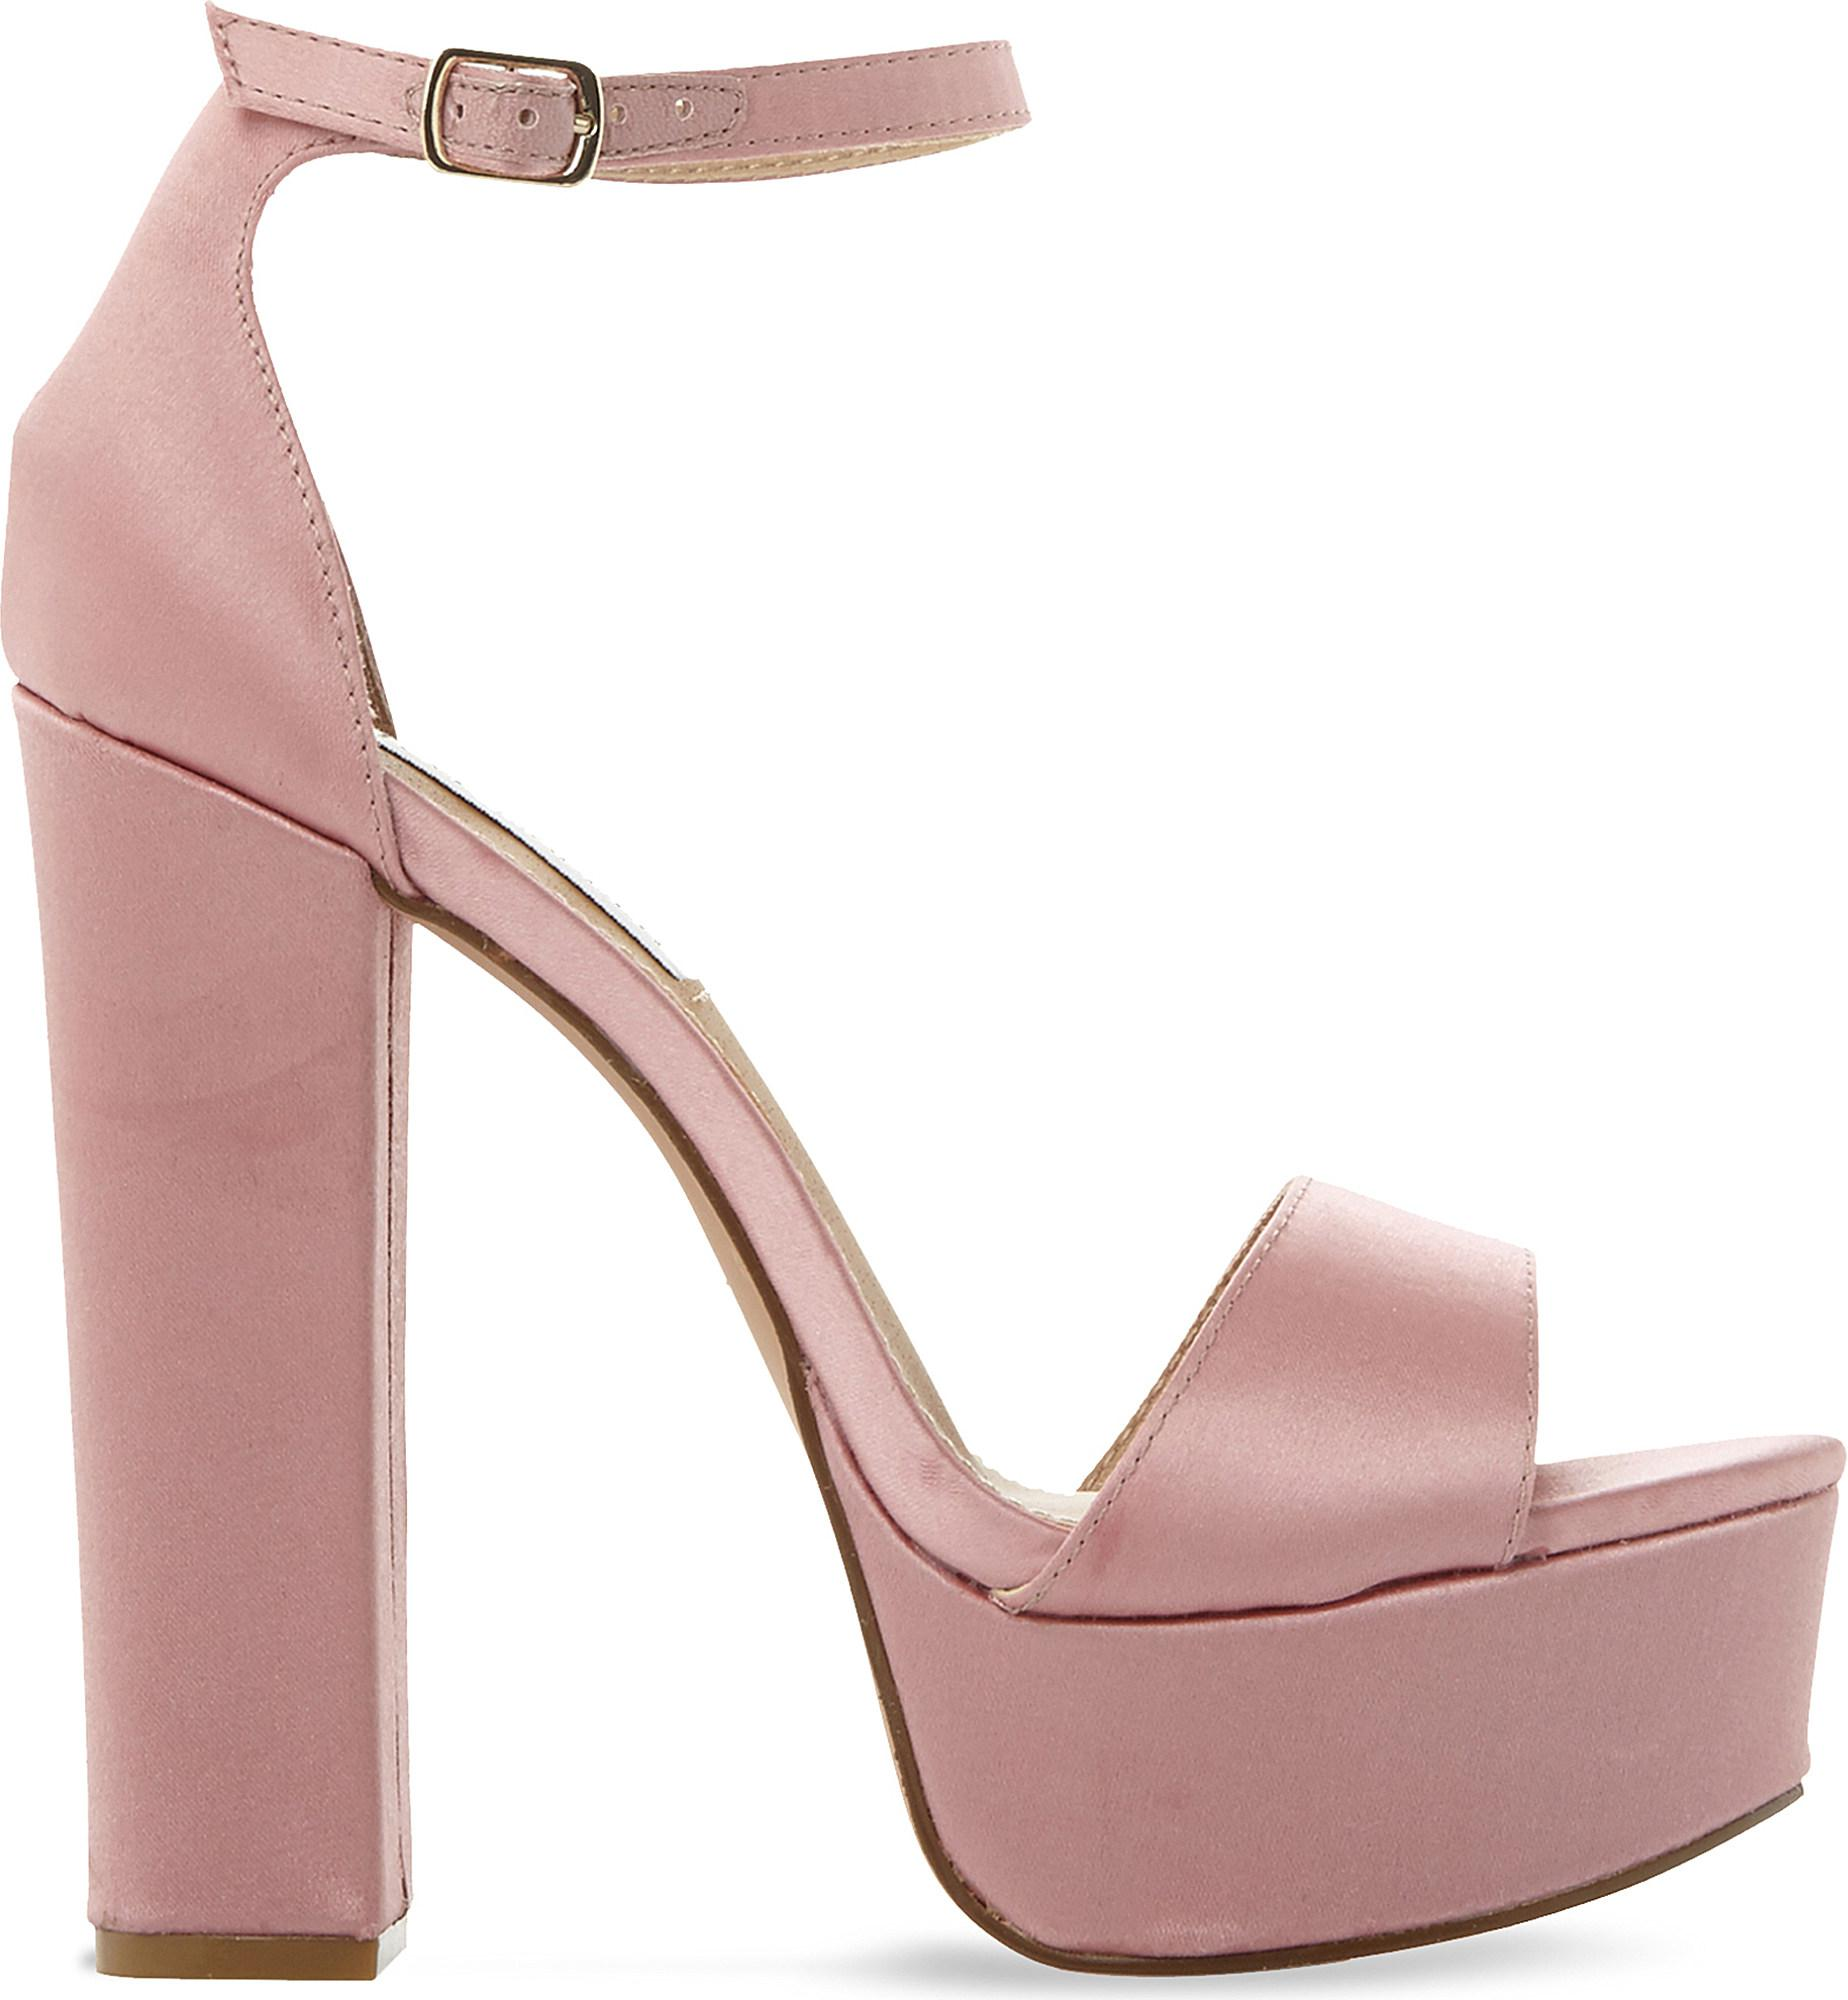 281f3015667b Steve Madden Gonzo Satin Platform Sandals in Pink - Lyst